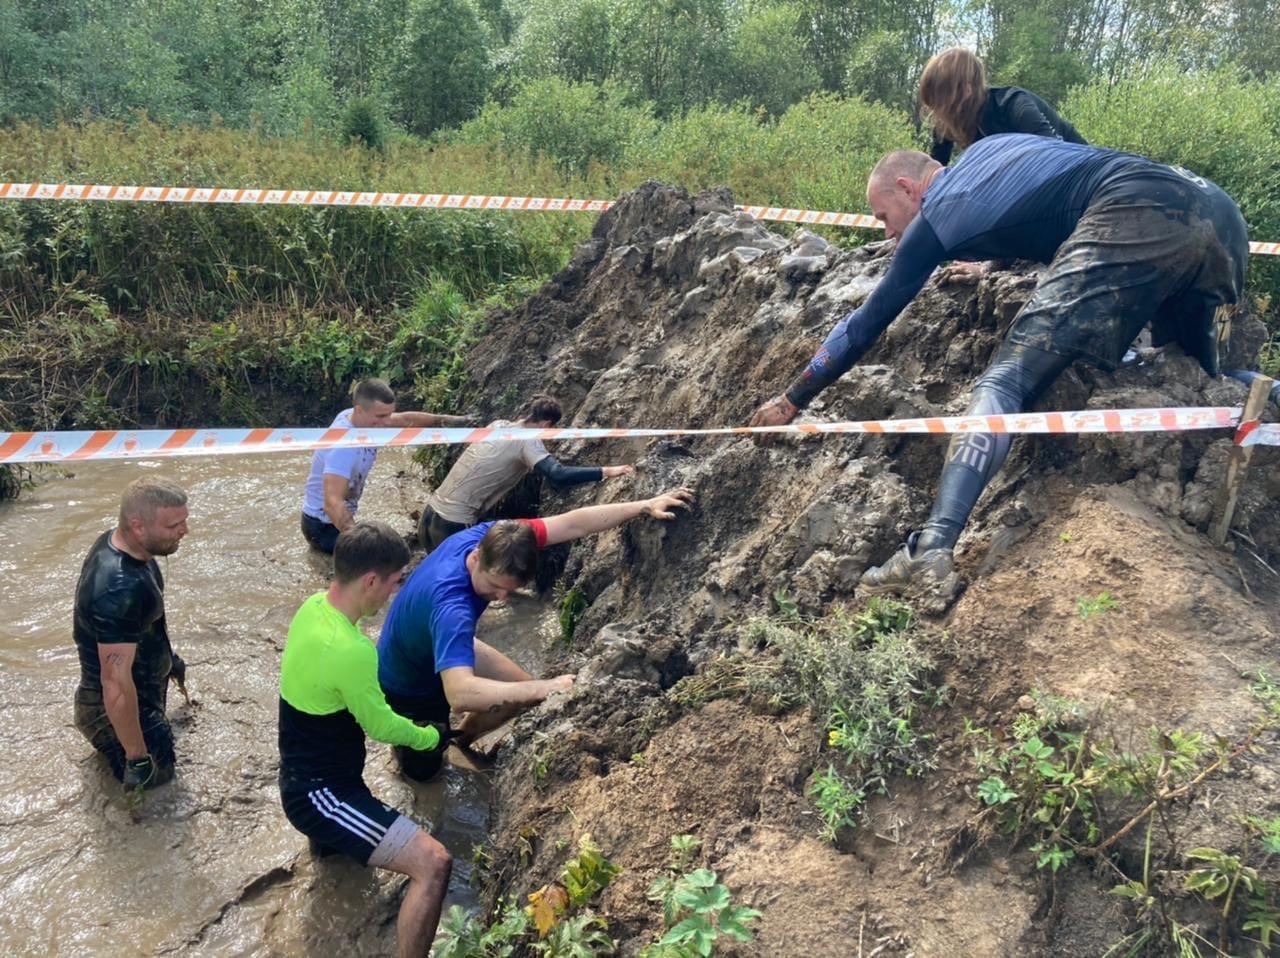 Следующая гонка «Вологодские лоси» состоится через месяц, 18 сентября